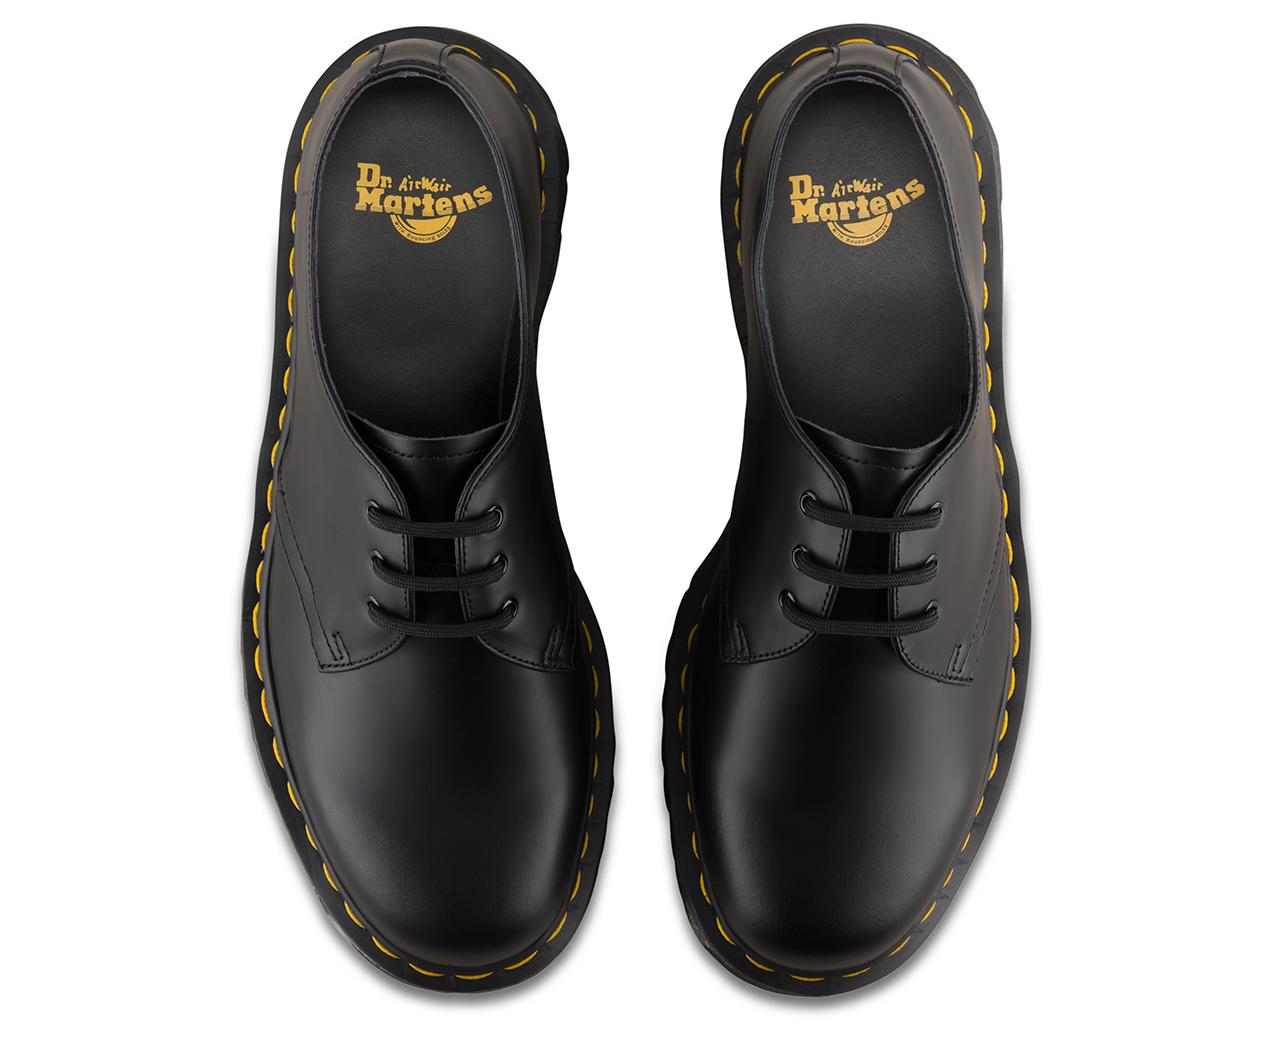 1461 Bex Men S Boots Amp Shoes Official Dr Martens Store